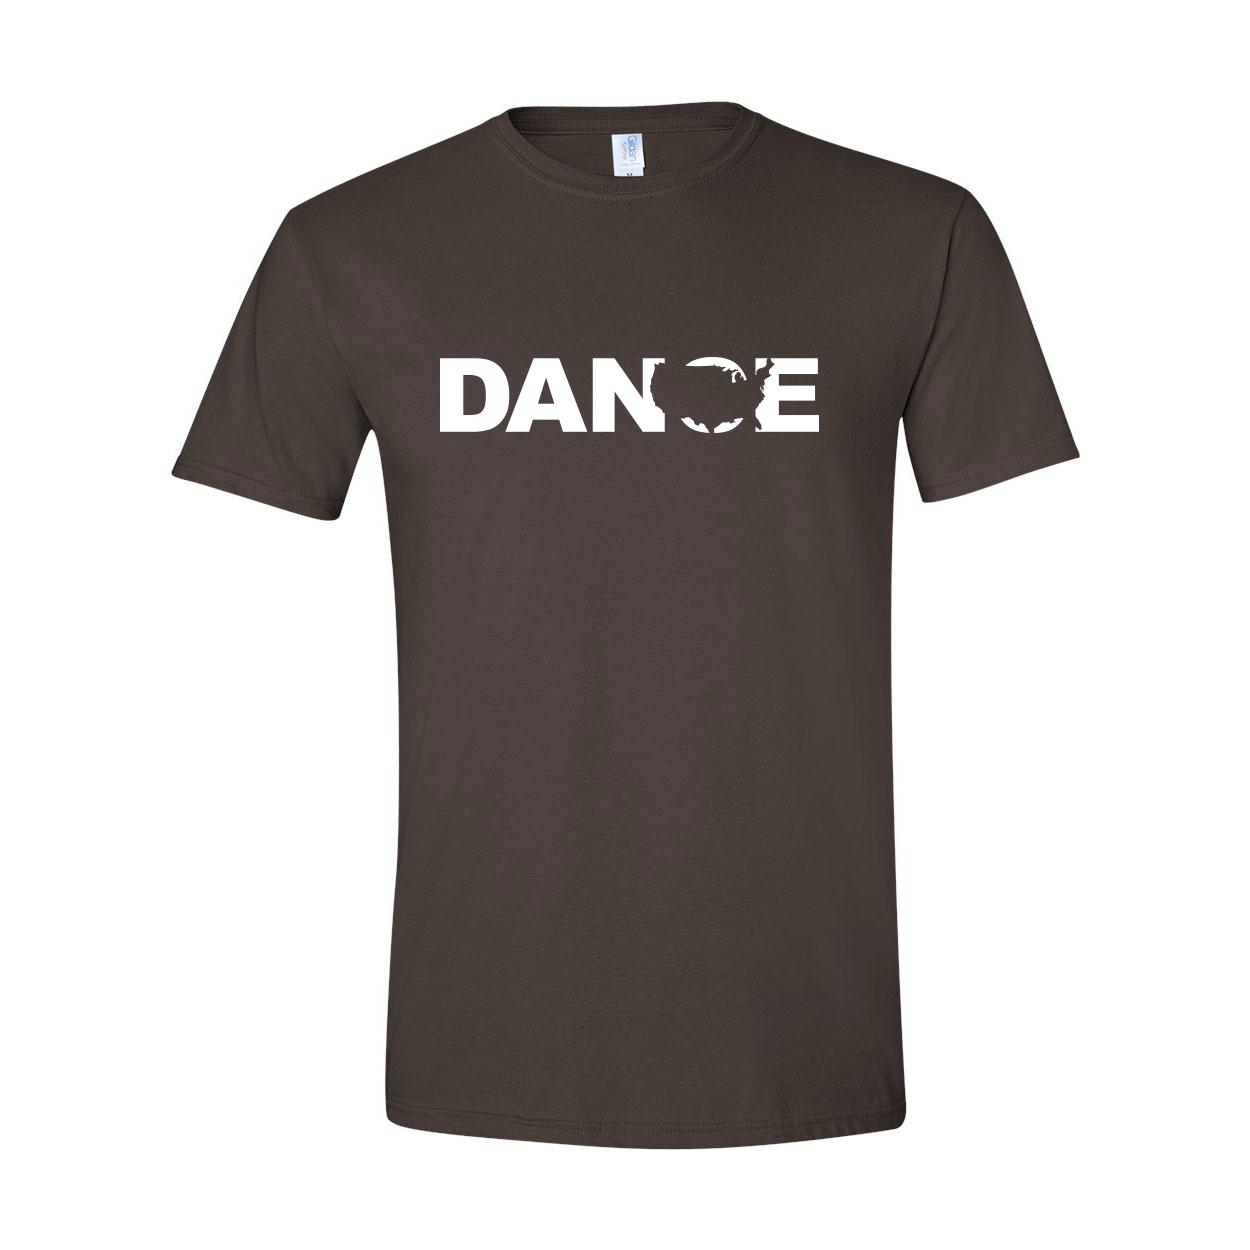 Dance United States Classic T-Shirt Dark Chocolate Brown (White Logo)